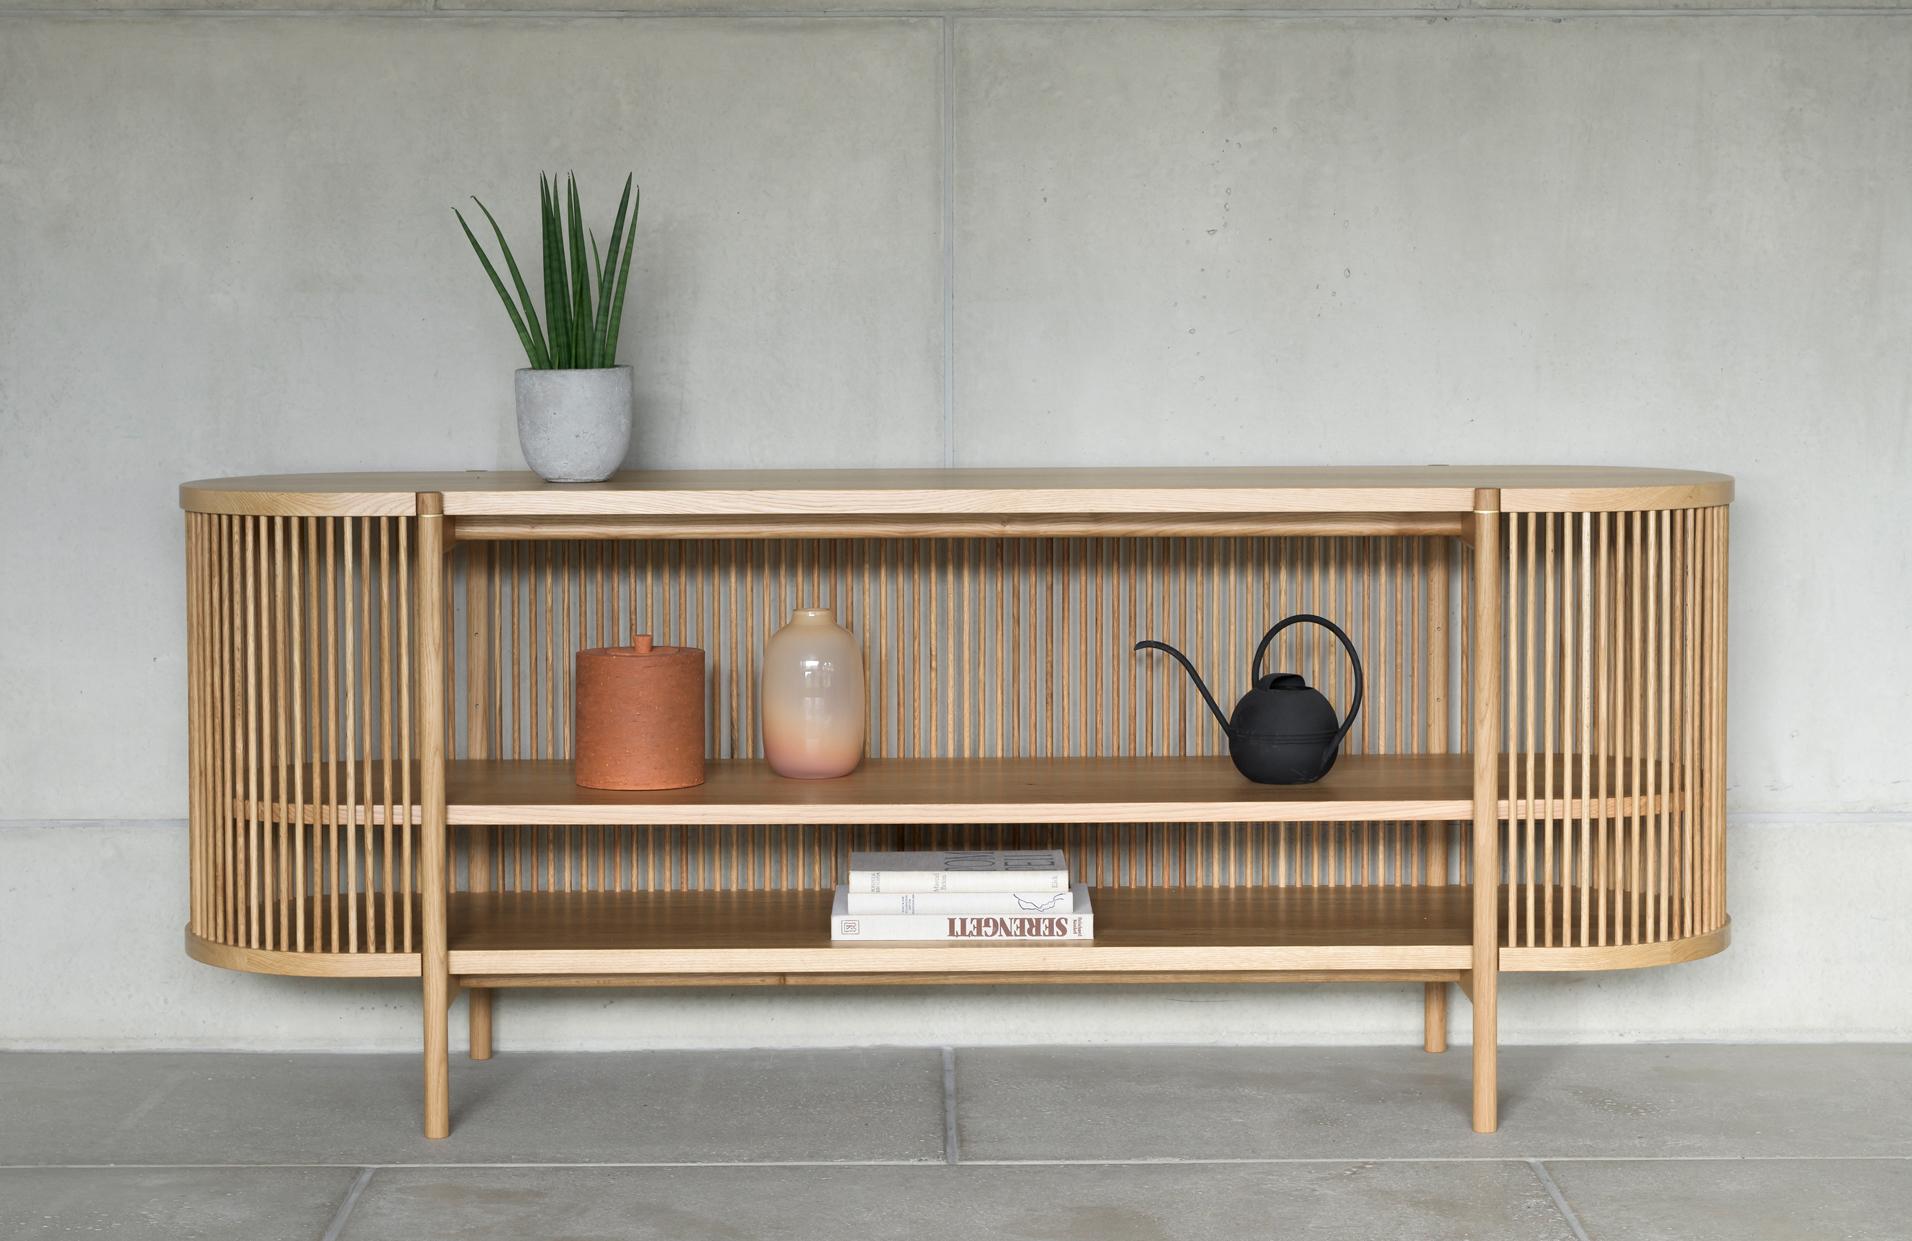 The Bastone sideboard in oak